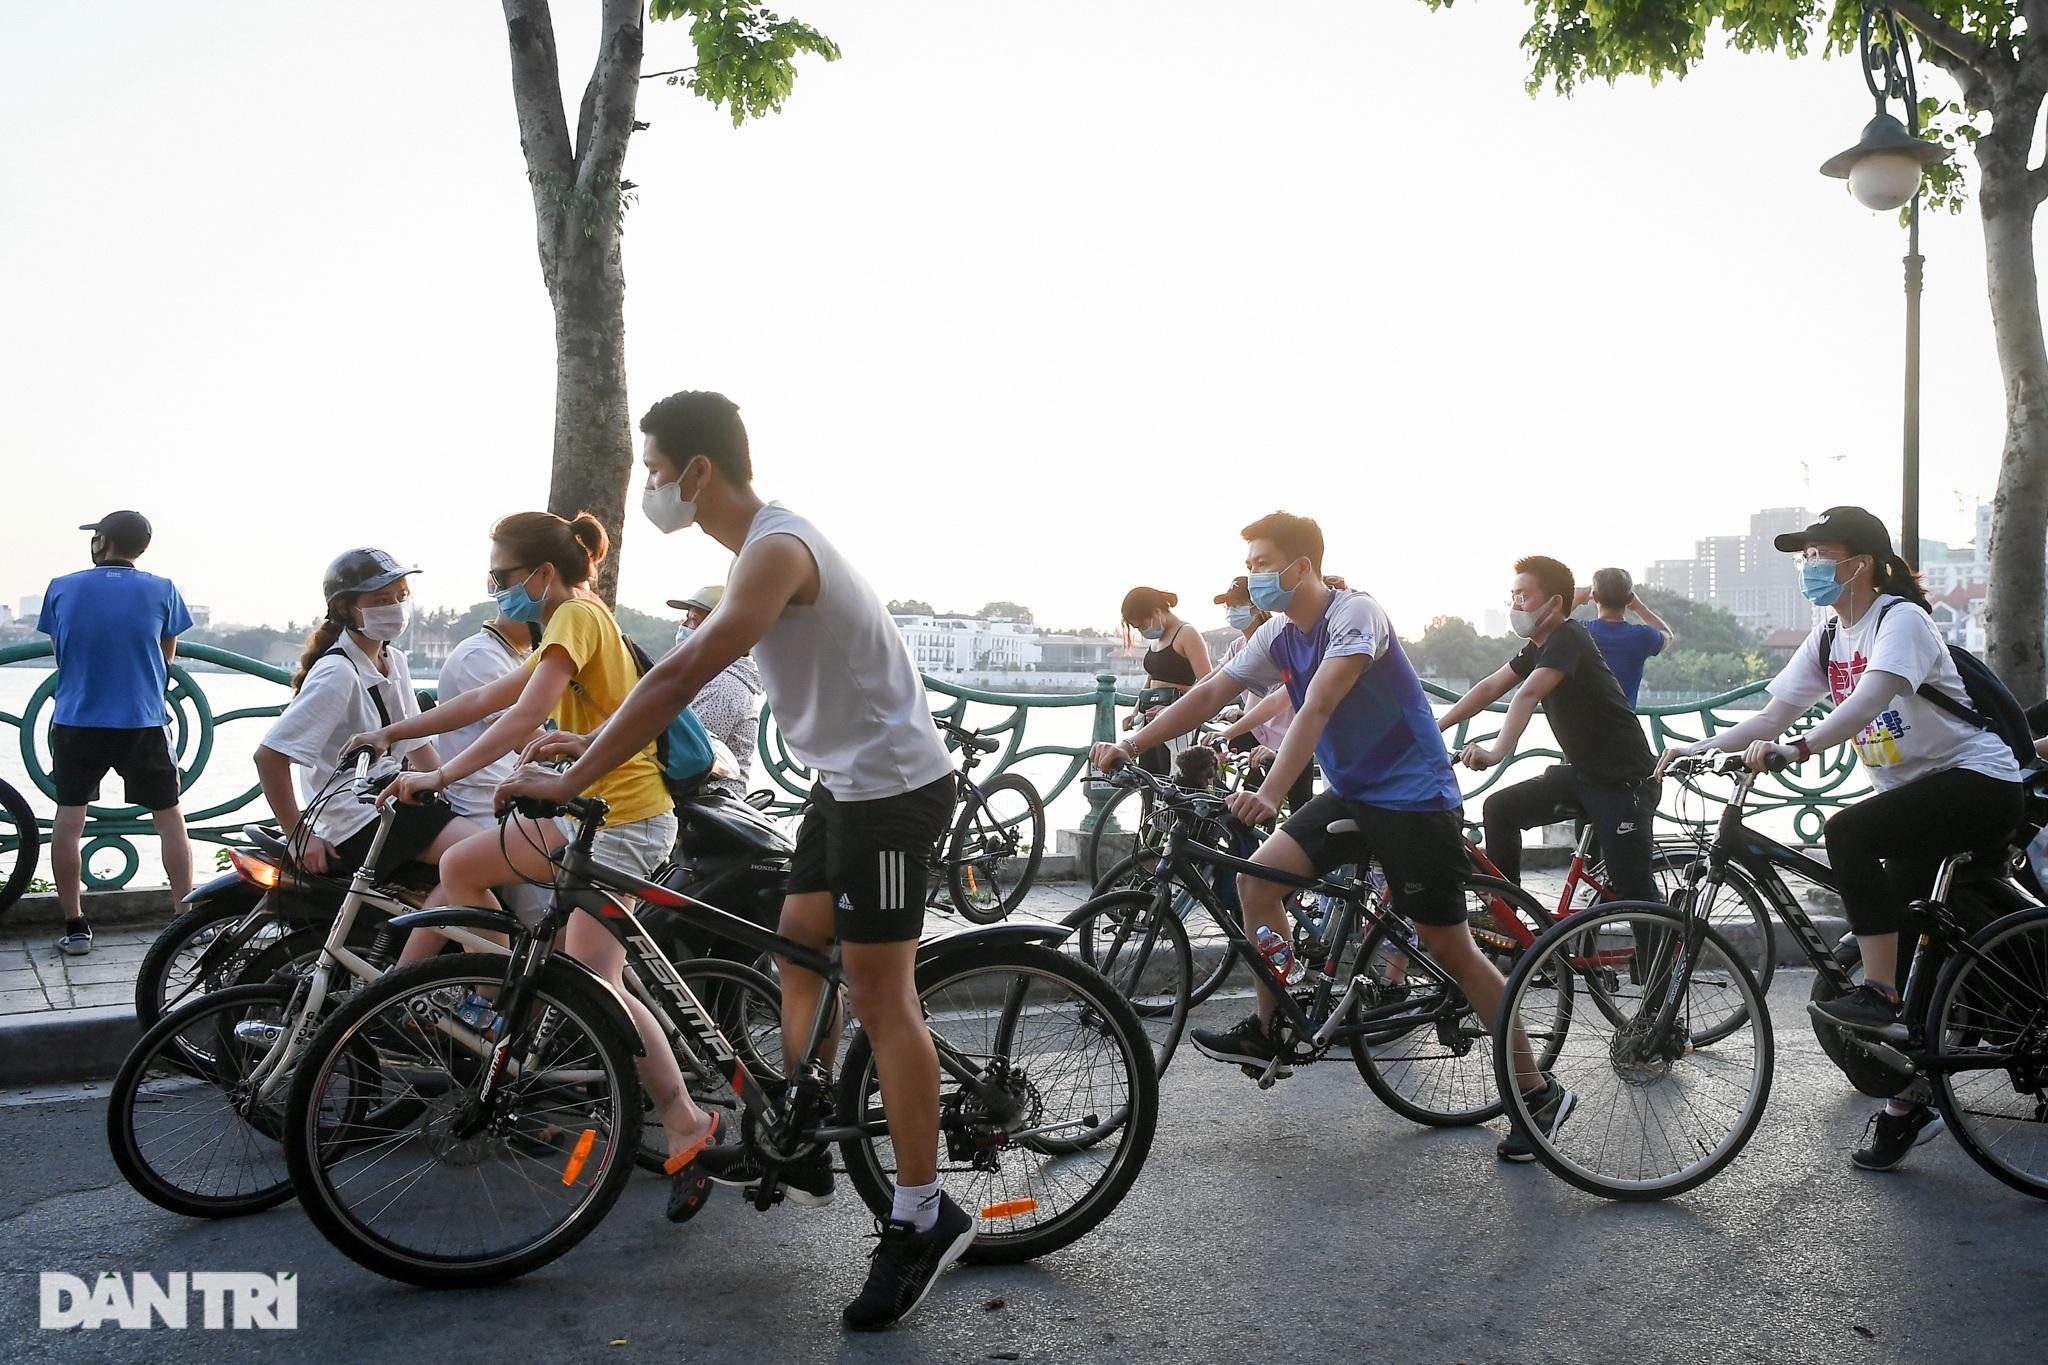 Hồ Gươm biến thành trường đua xe đạp, chật ních người đi bộ tập thể dục - 7